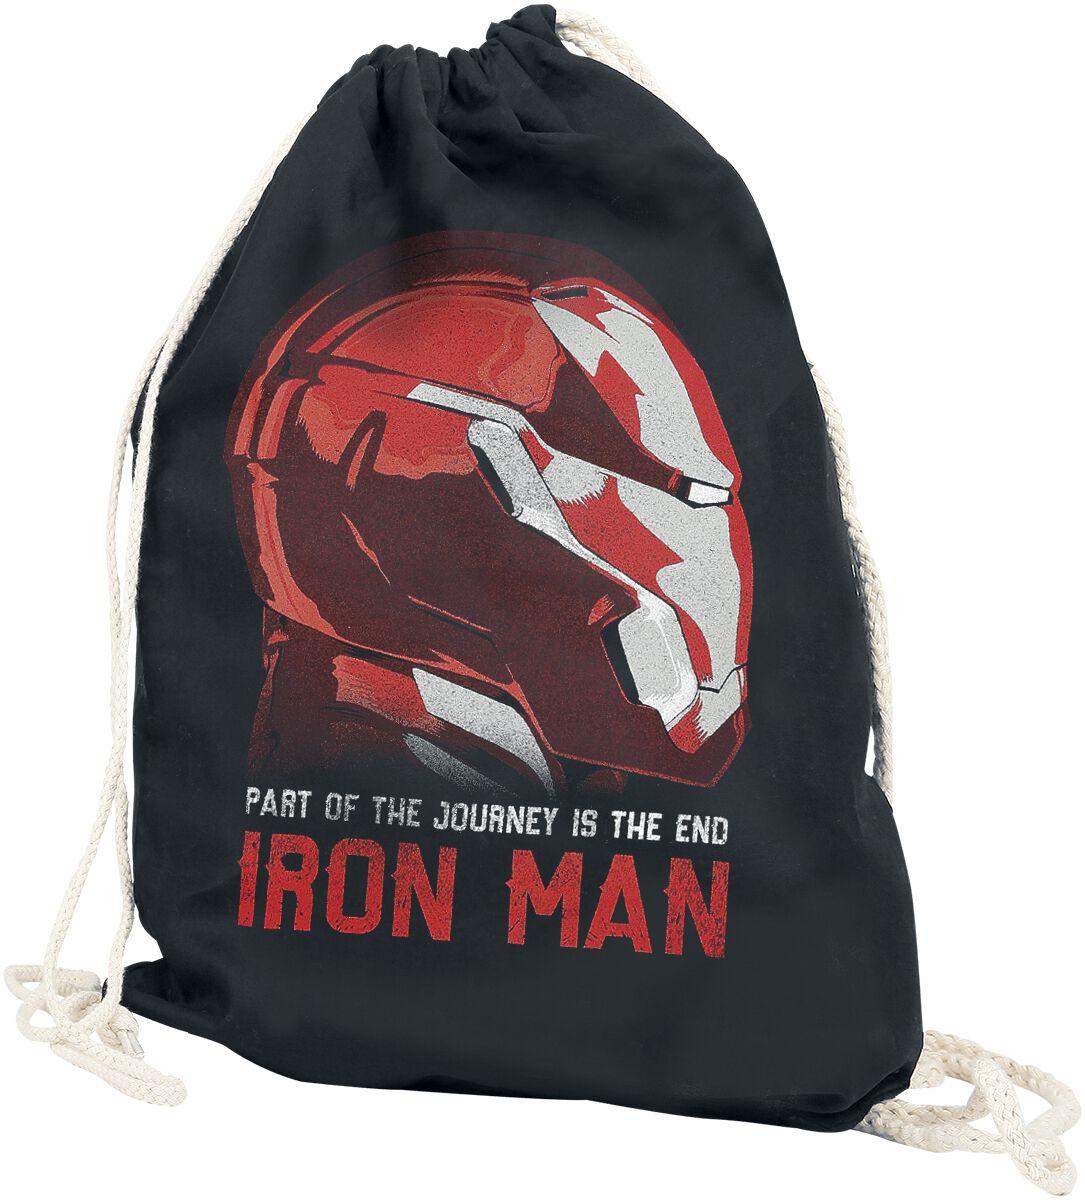 Sporttaschen - Iron Man Part Of The Journey Is The End Turnbeutel schwarz  - Onlineshop EMP